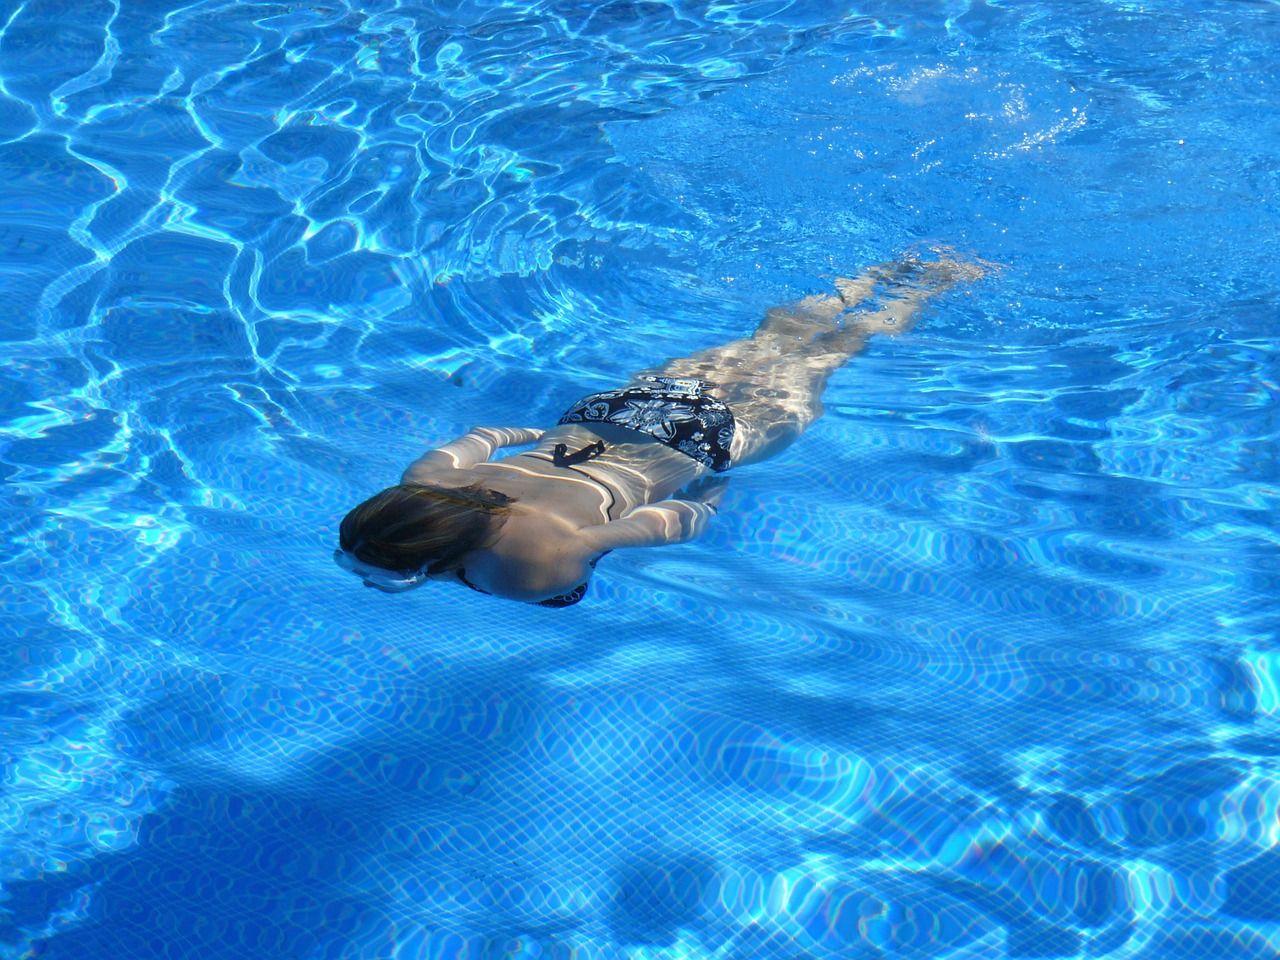 Filtros de piscina de diatomeas: todo lo que debes saber de ellos